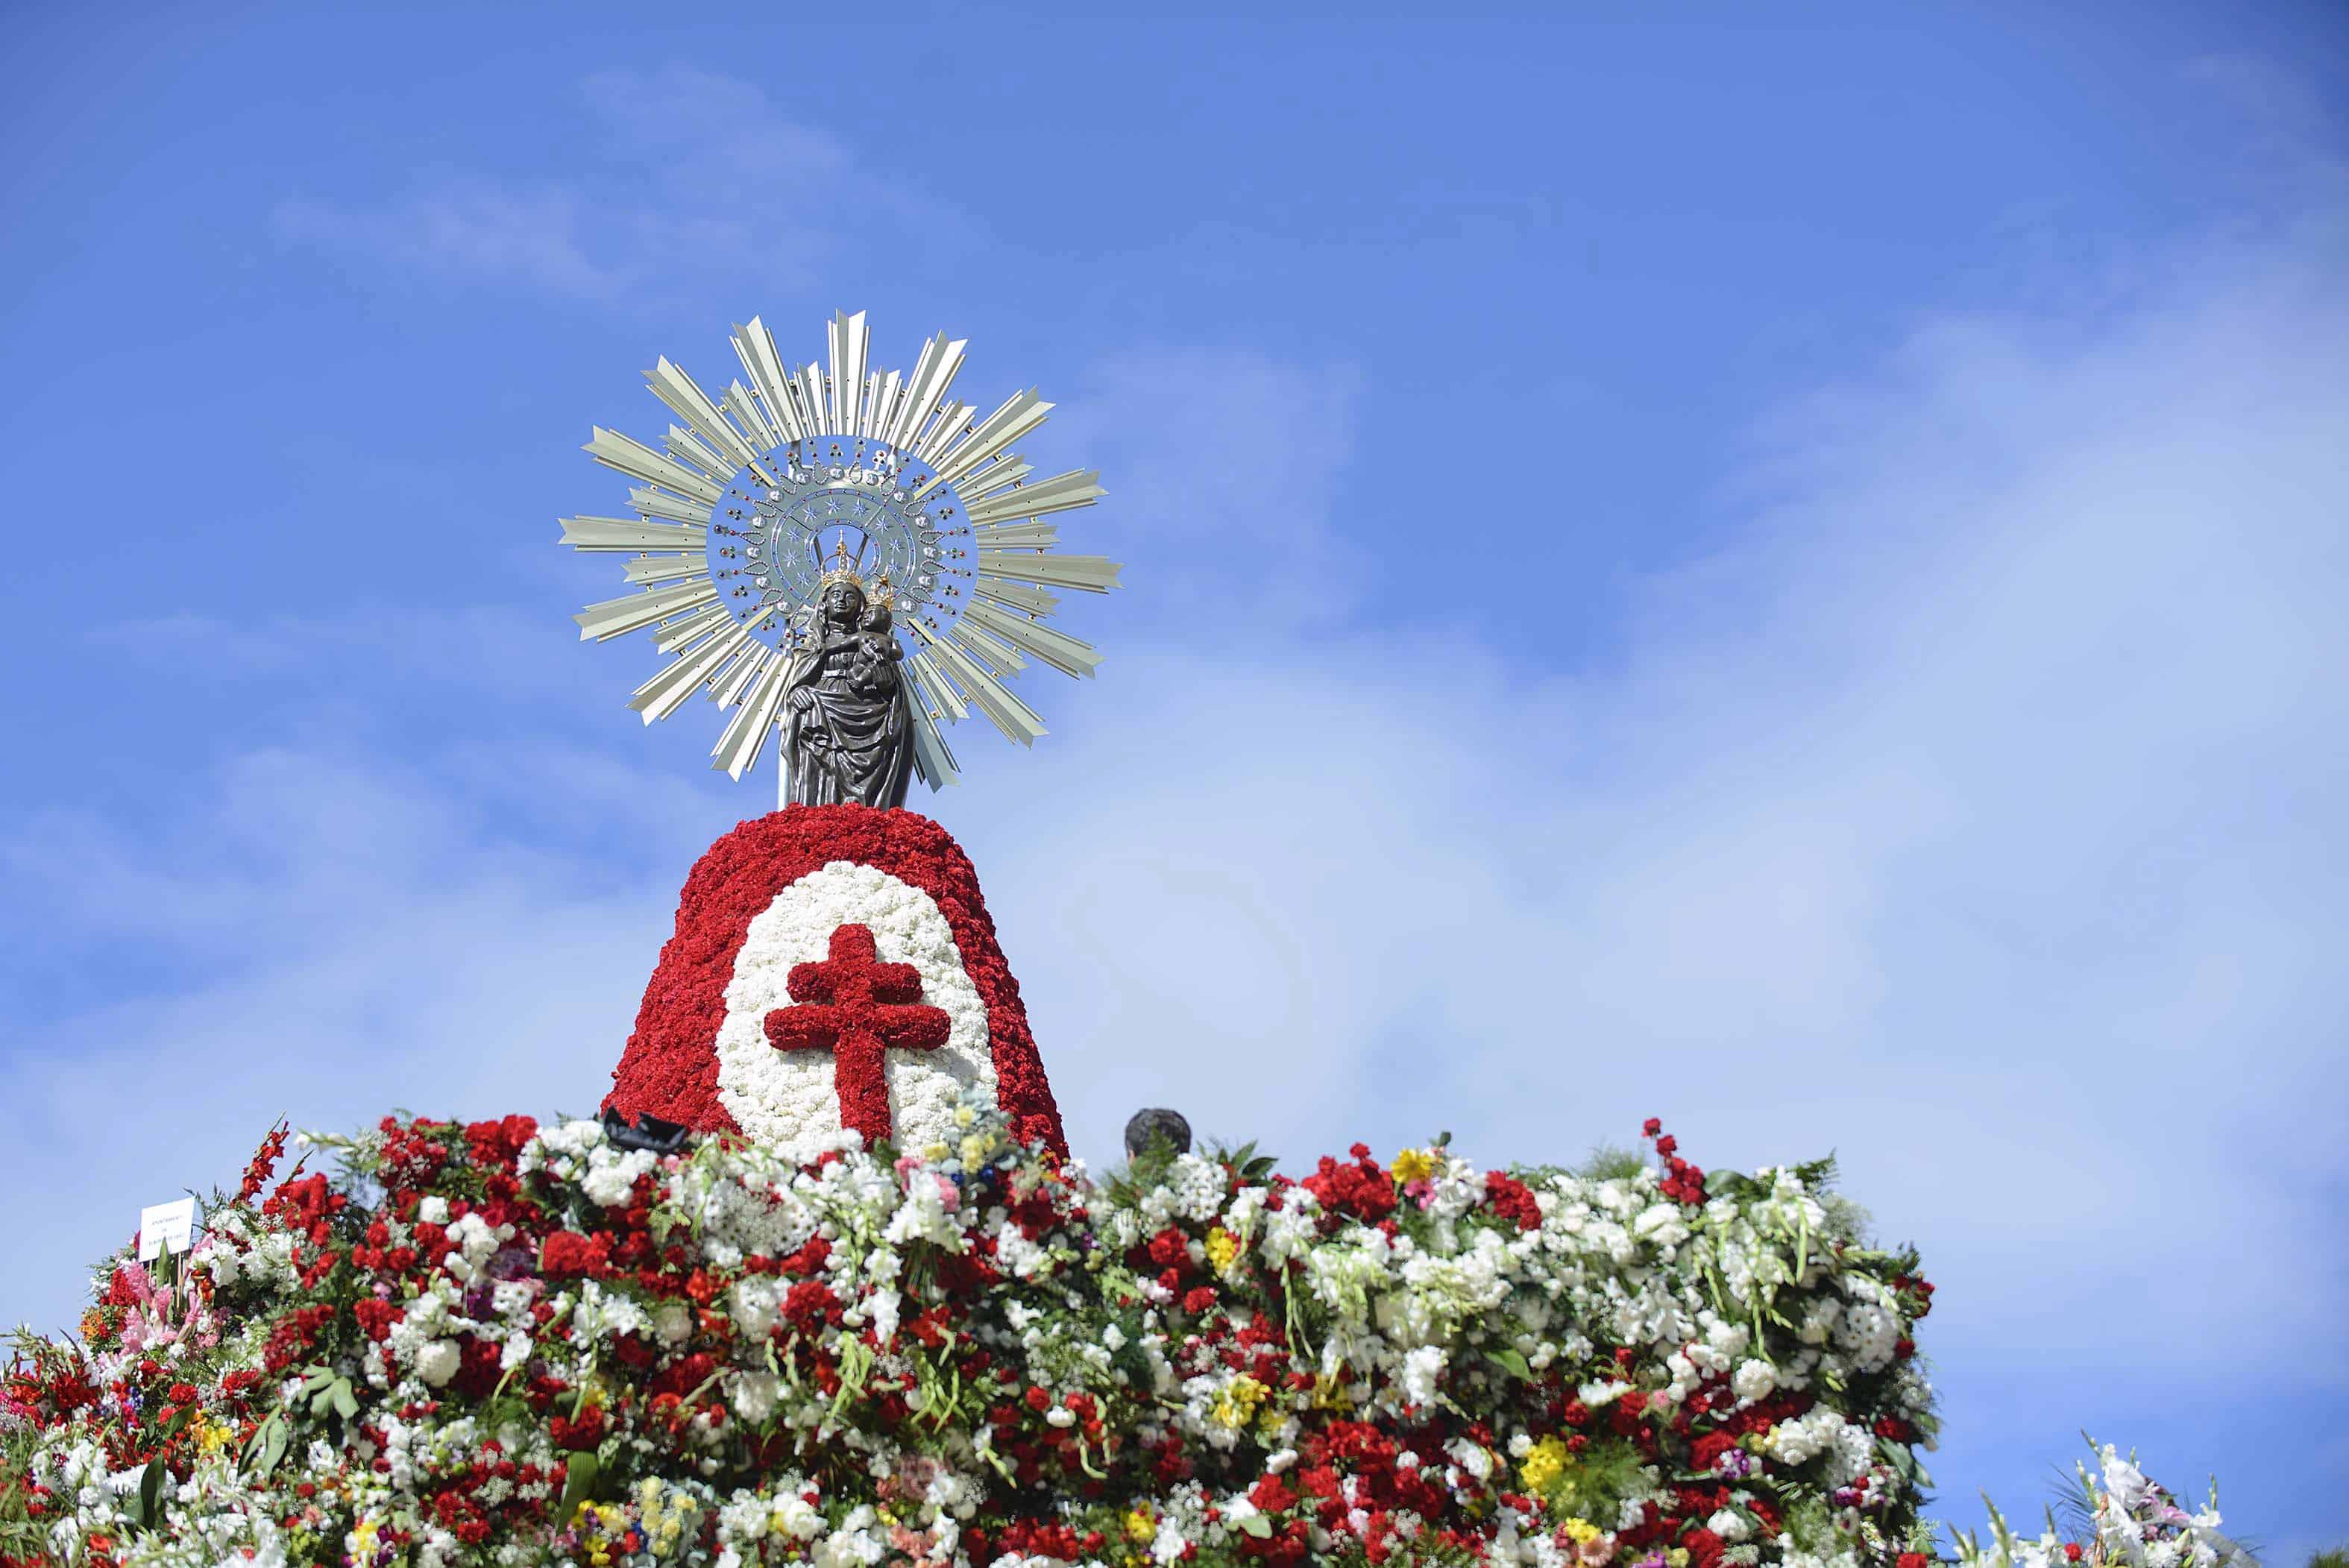 Fiestas del Pilar 2018 en Zaragoza – Programación y Dónde Alojarse